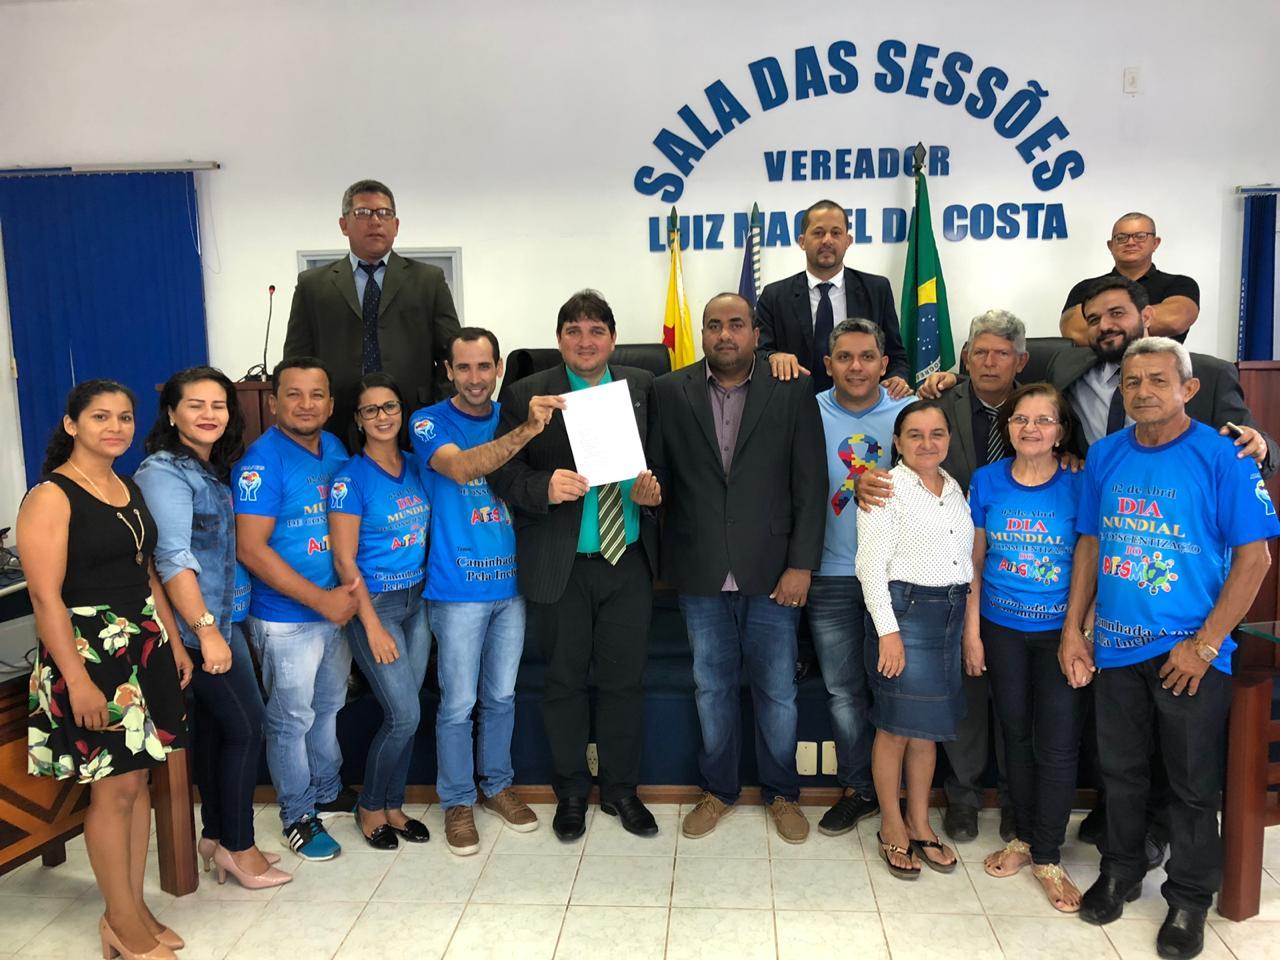 Câmara de Vereadores aprova projeto que obriga atendimento prioritário em estabelecimentos comerciais e públicos de Cruzeiro do Sul.